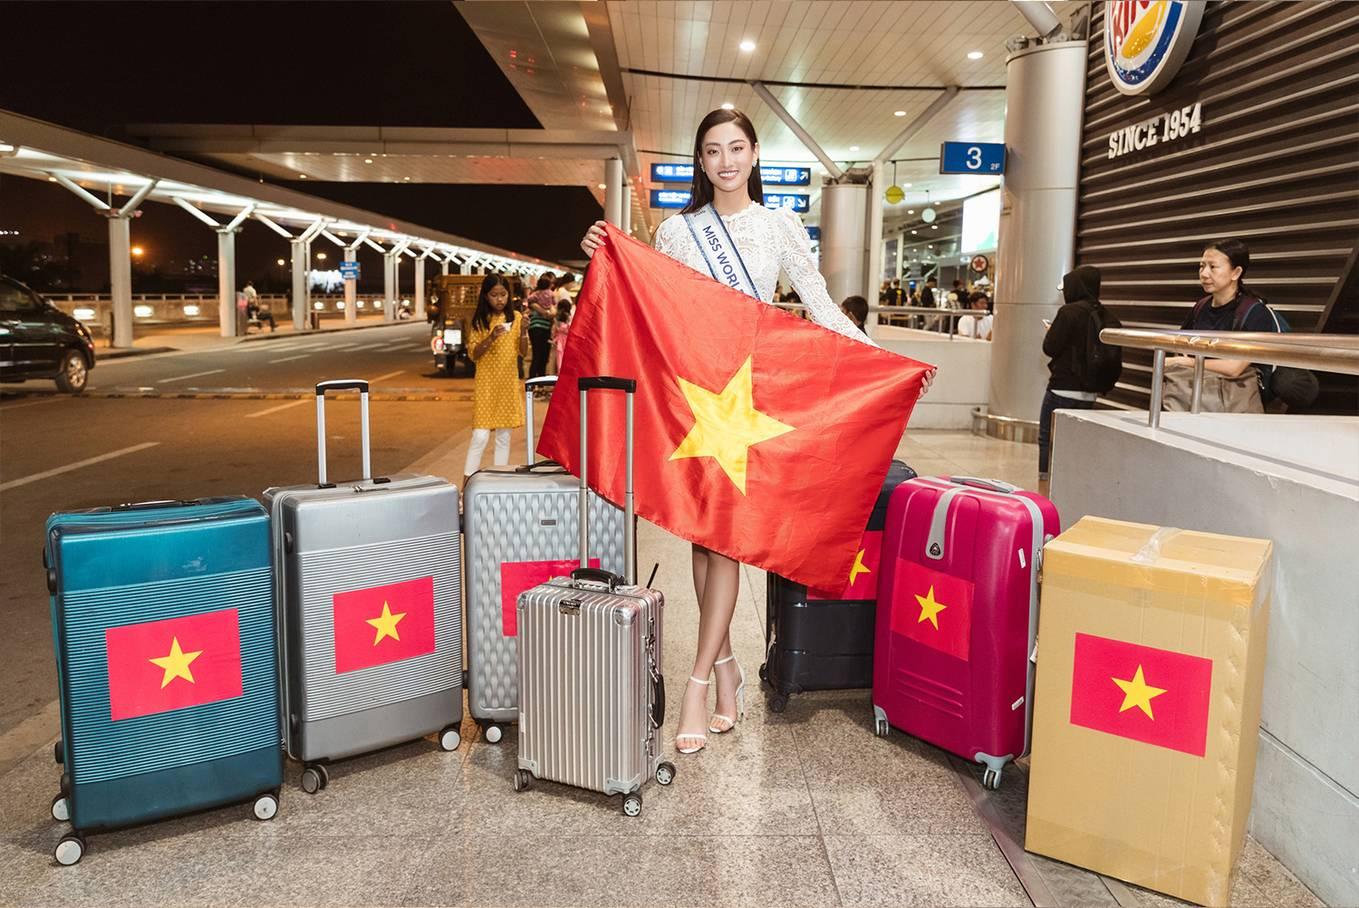 Hoa hậu Lương Thùy Linh lên đường tham dự Hoa hậu Thế giới 2019 1